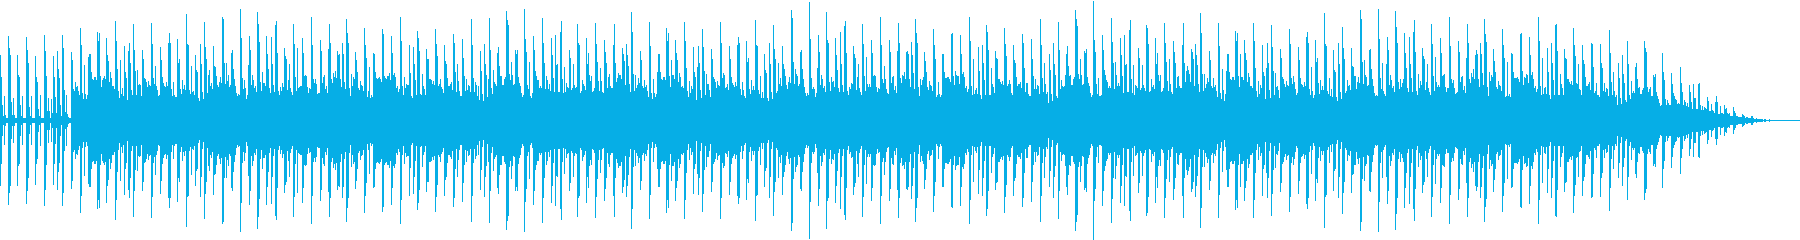 オシャレな深夜のラジオ配信用BGMの再生済みの波形